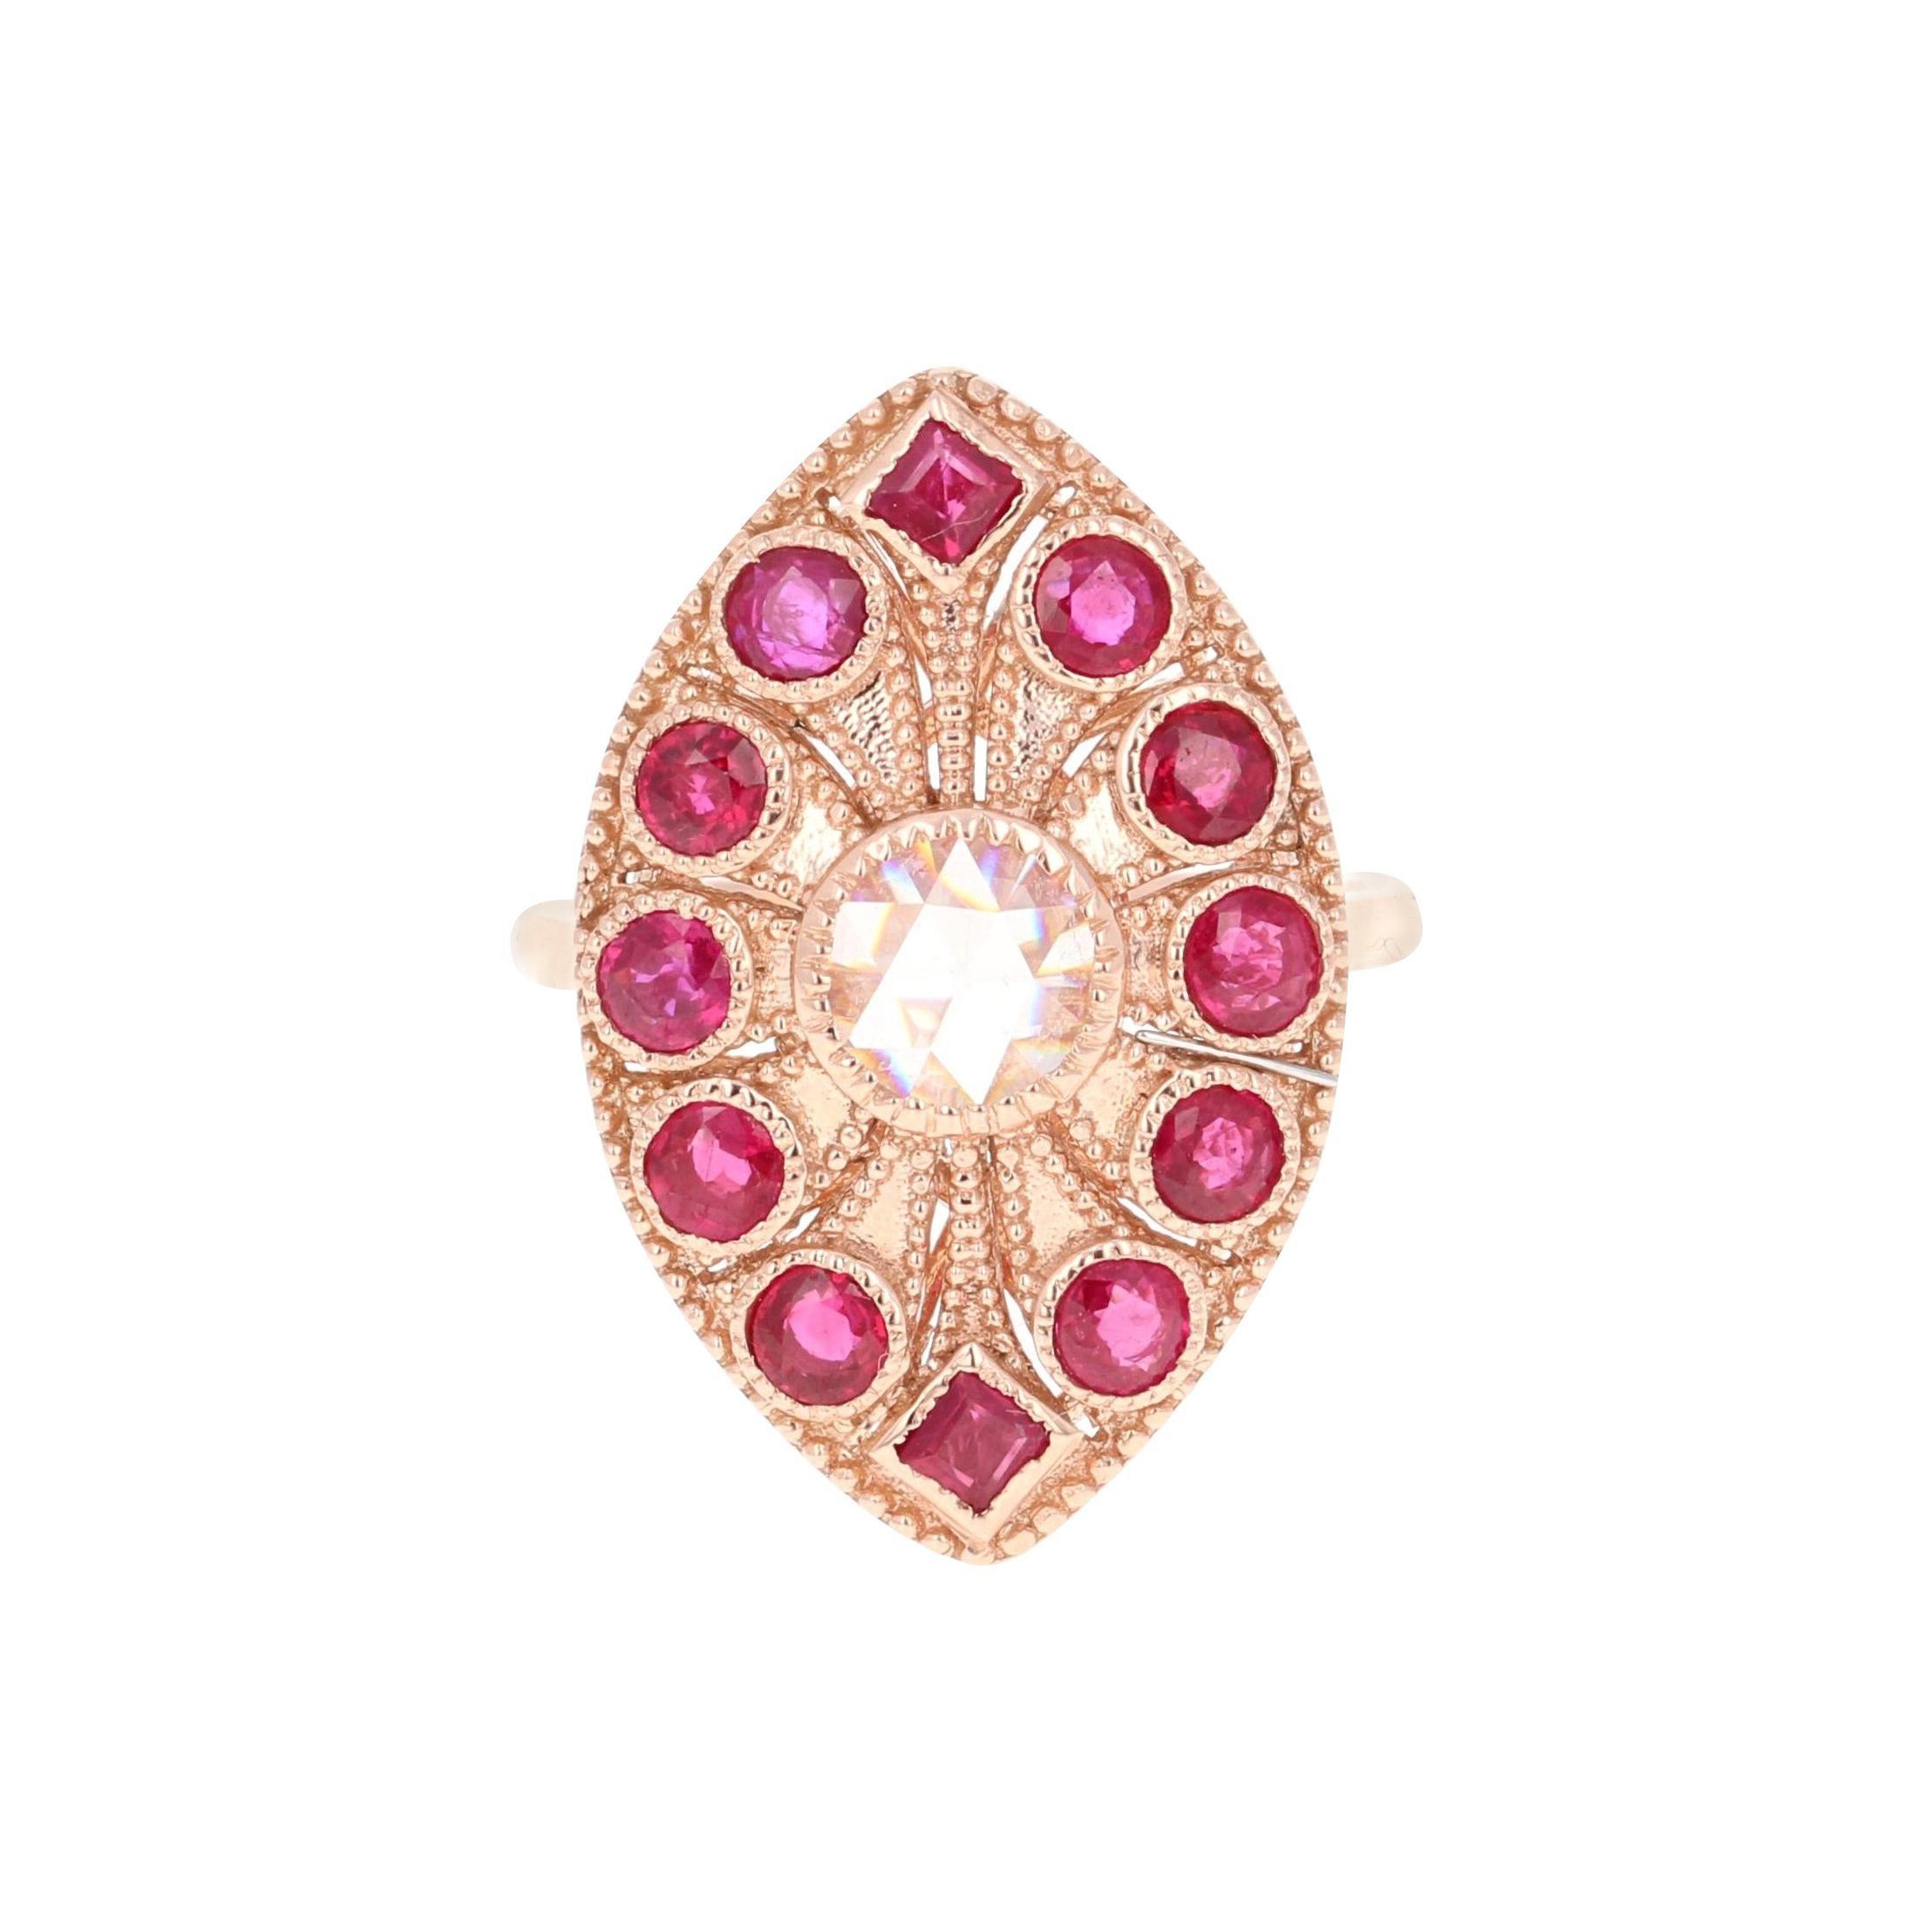 Ruby Rose Cut Diamond 2.09 Carat 14 Karat Rose Gold Cocktail Ring